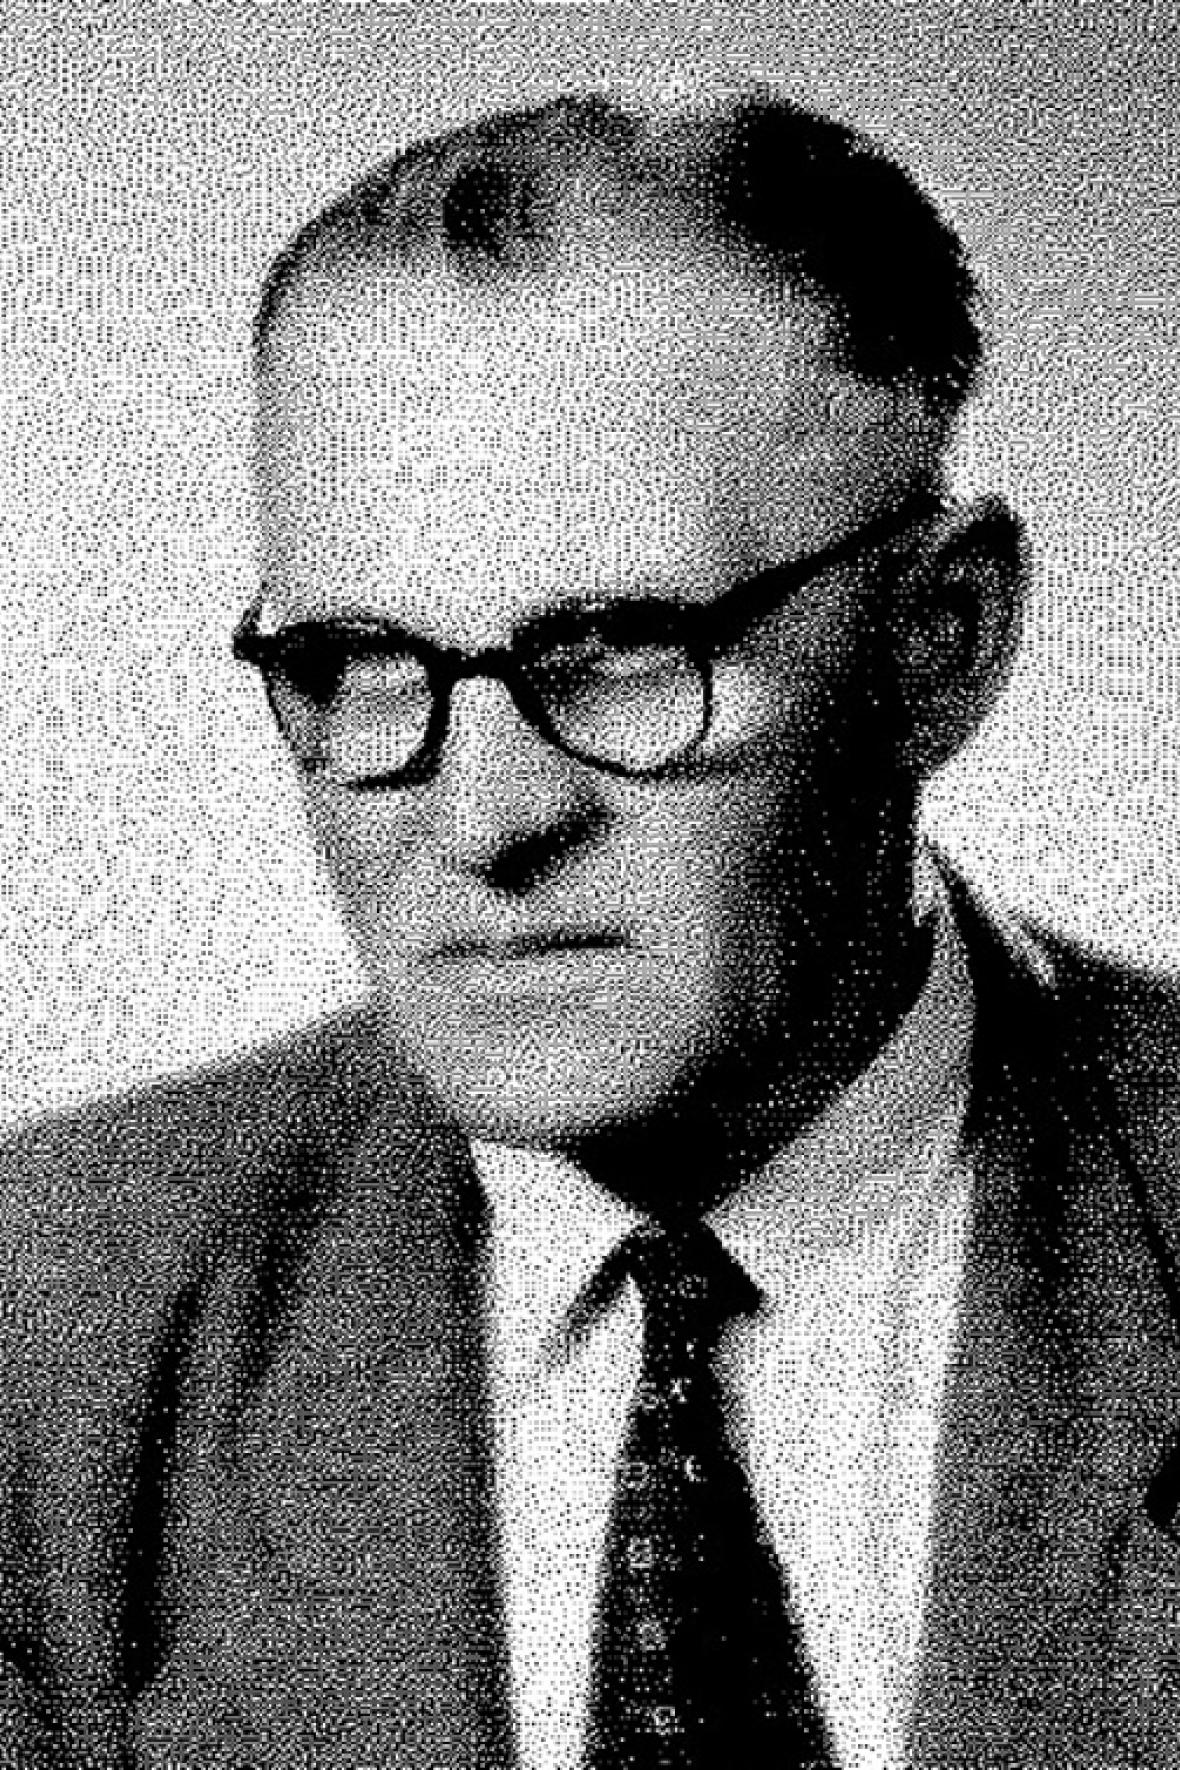 František Šikula na fotografii z roku 1968